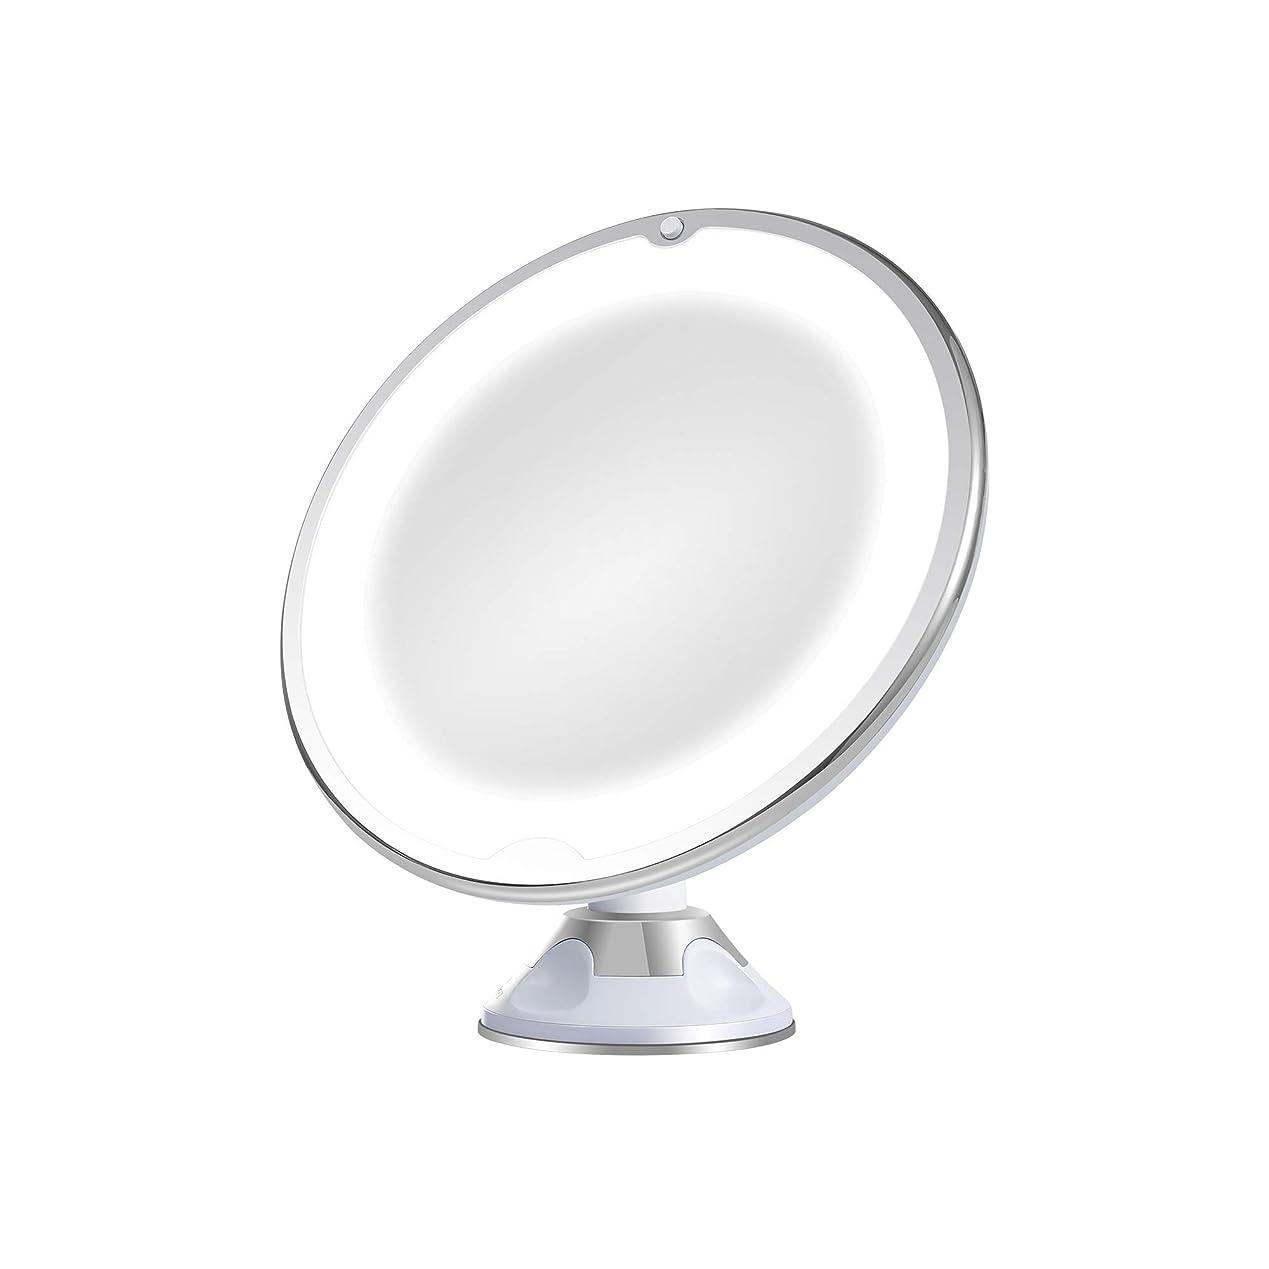 ハントハドル例外LED化粧鏡 10倍拡大鏡 浴室鏡 毛穴 卓上化粧ミラー 360度回転 明るさ調節可能 壁掛け 吸盤ロック付き